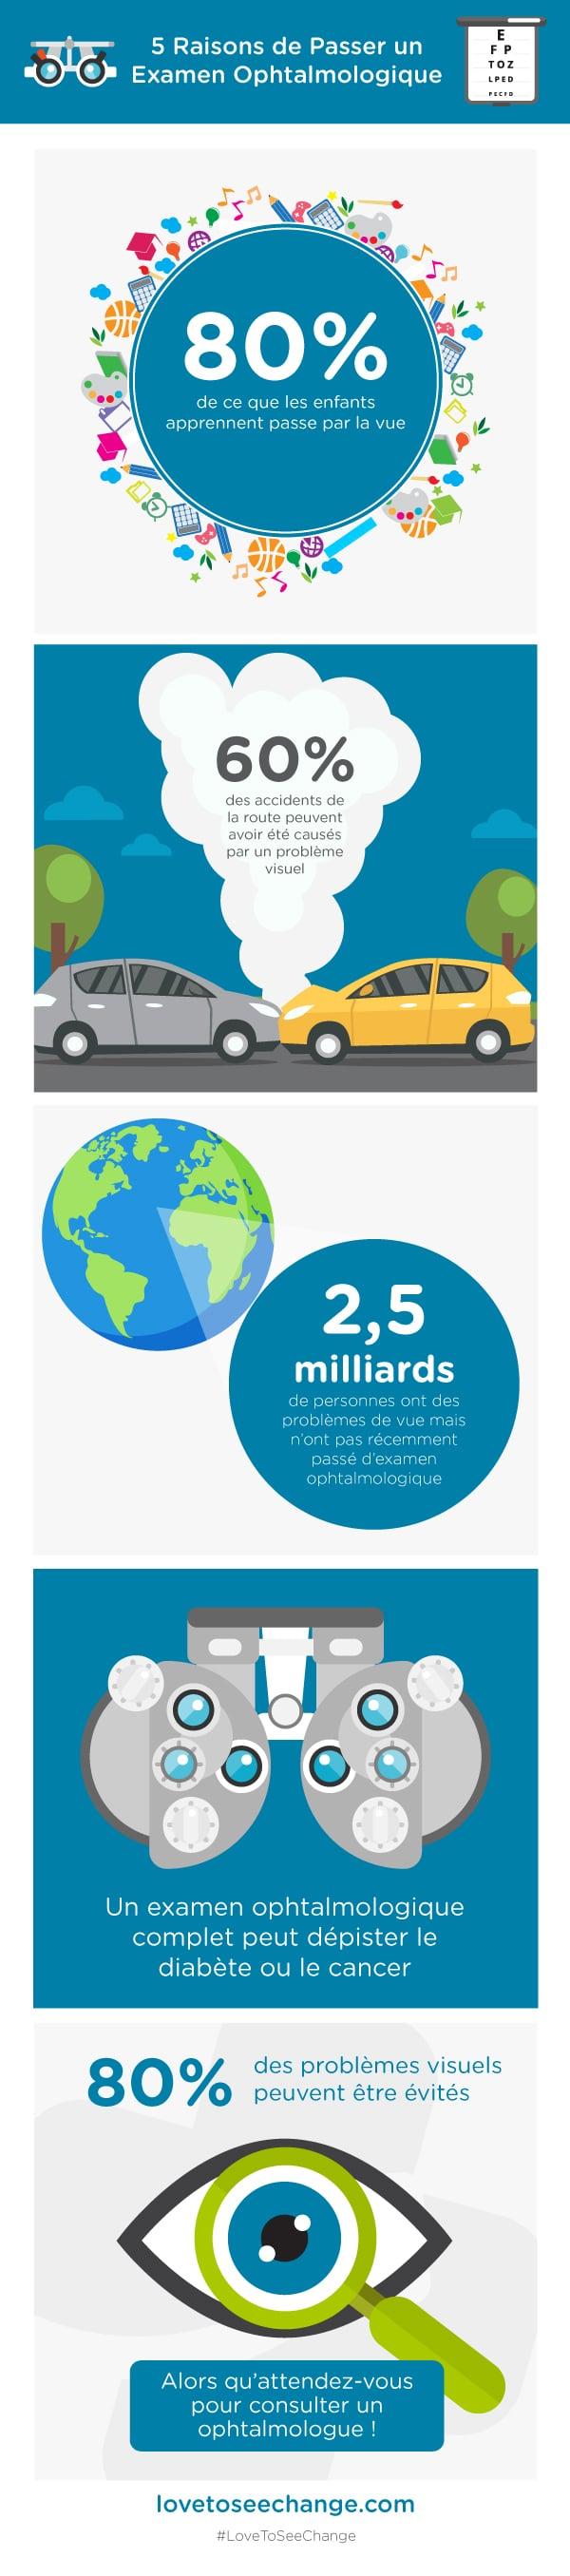 Infographie pour la Journée mondiale de la vue